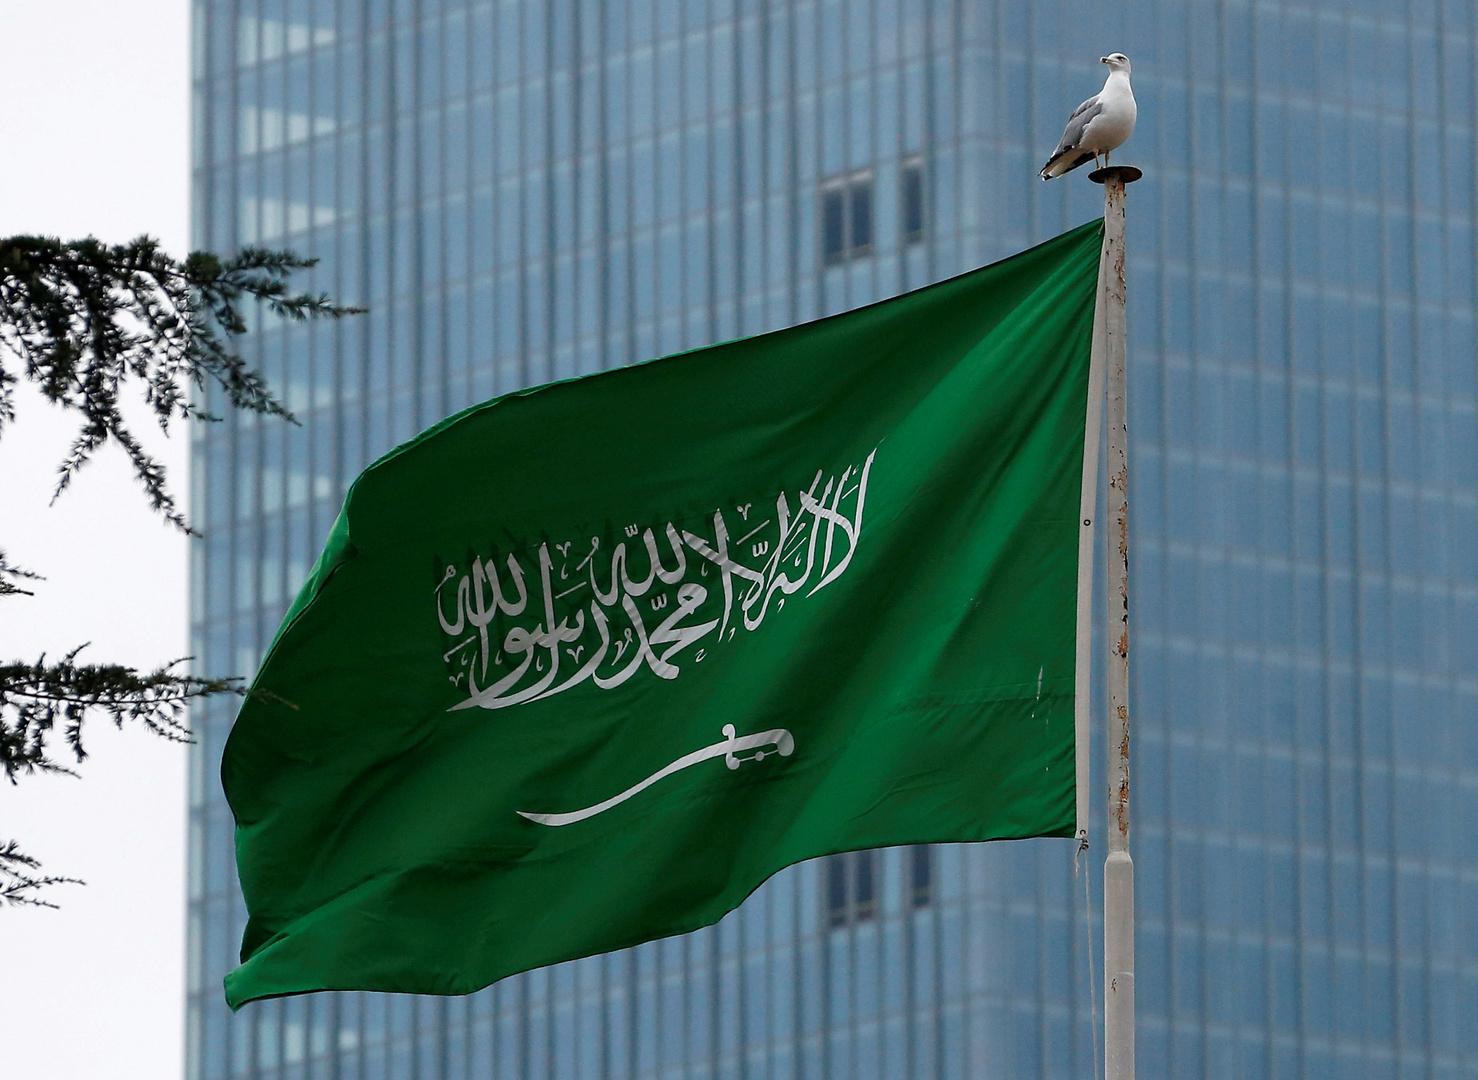 السعودية.. مشروع بحثي للكشف المبكر عن السرطان يوفر أكثر من 100 مليار دولار بالعالم